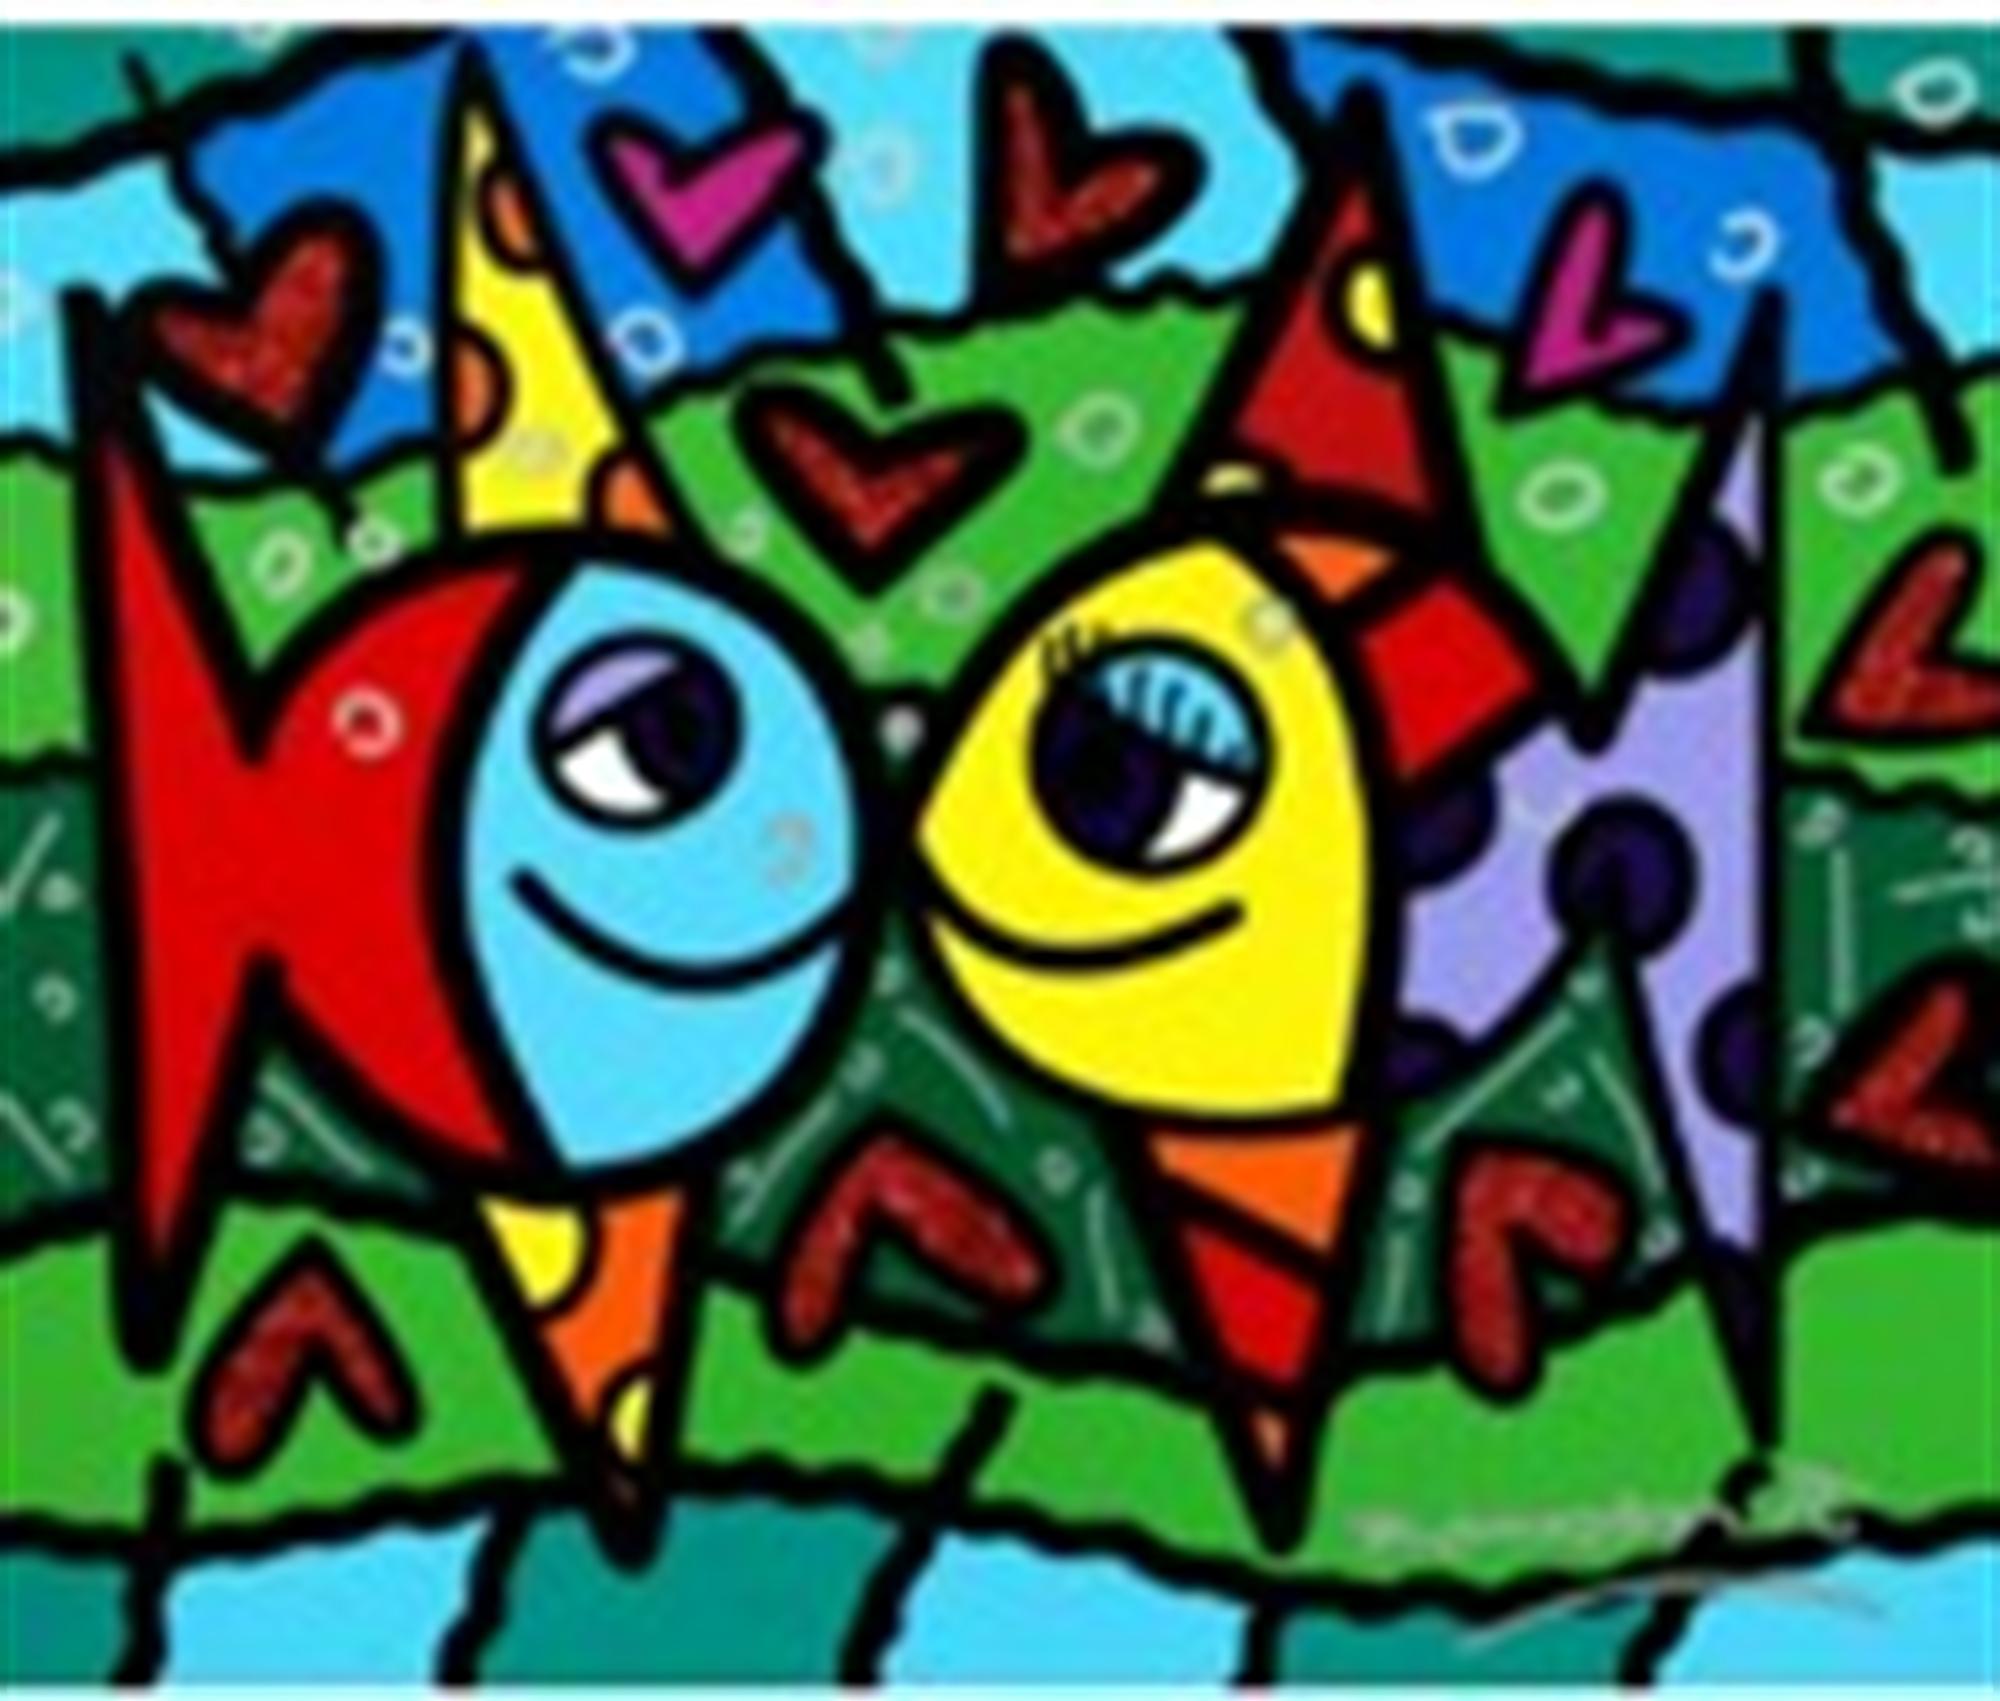 LOVE YOU by Romero Britto